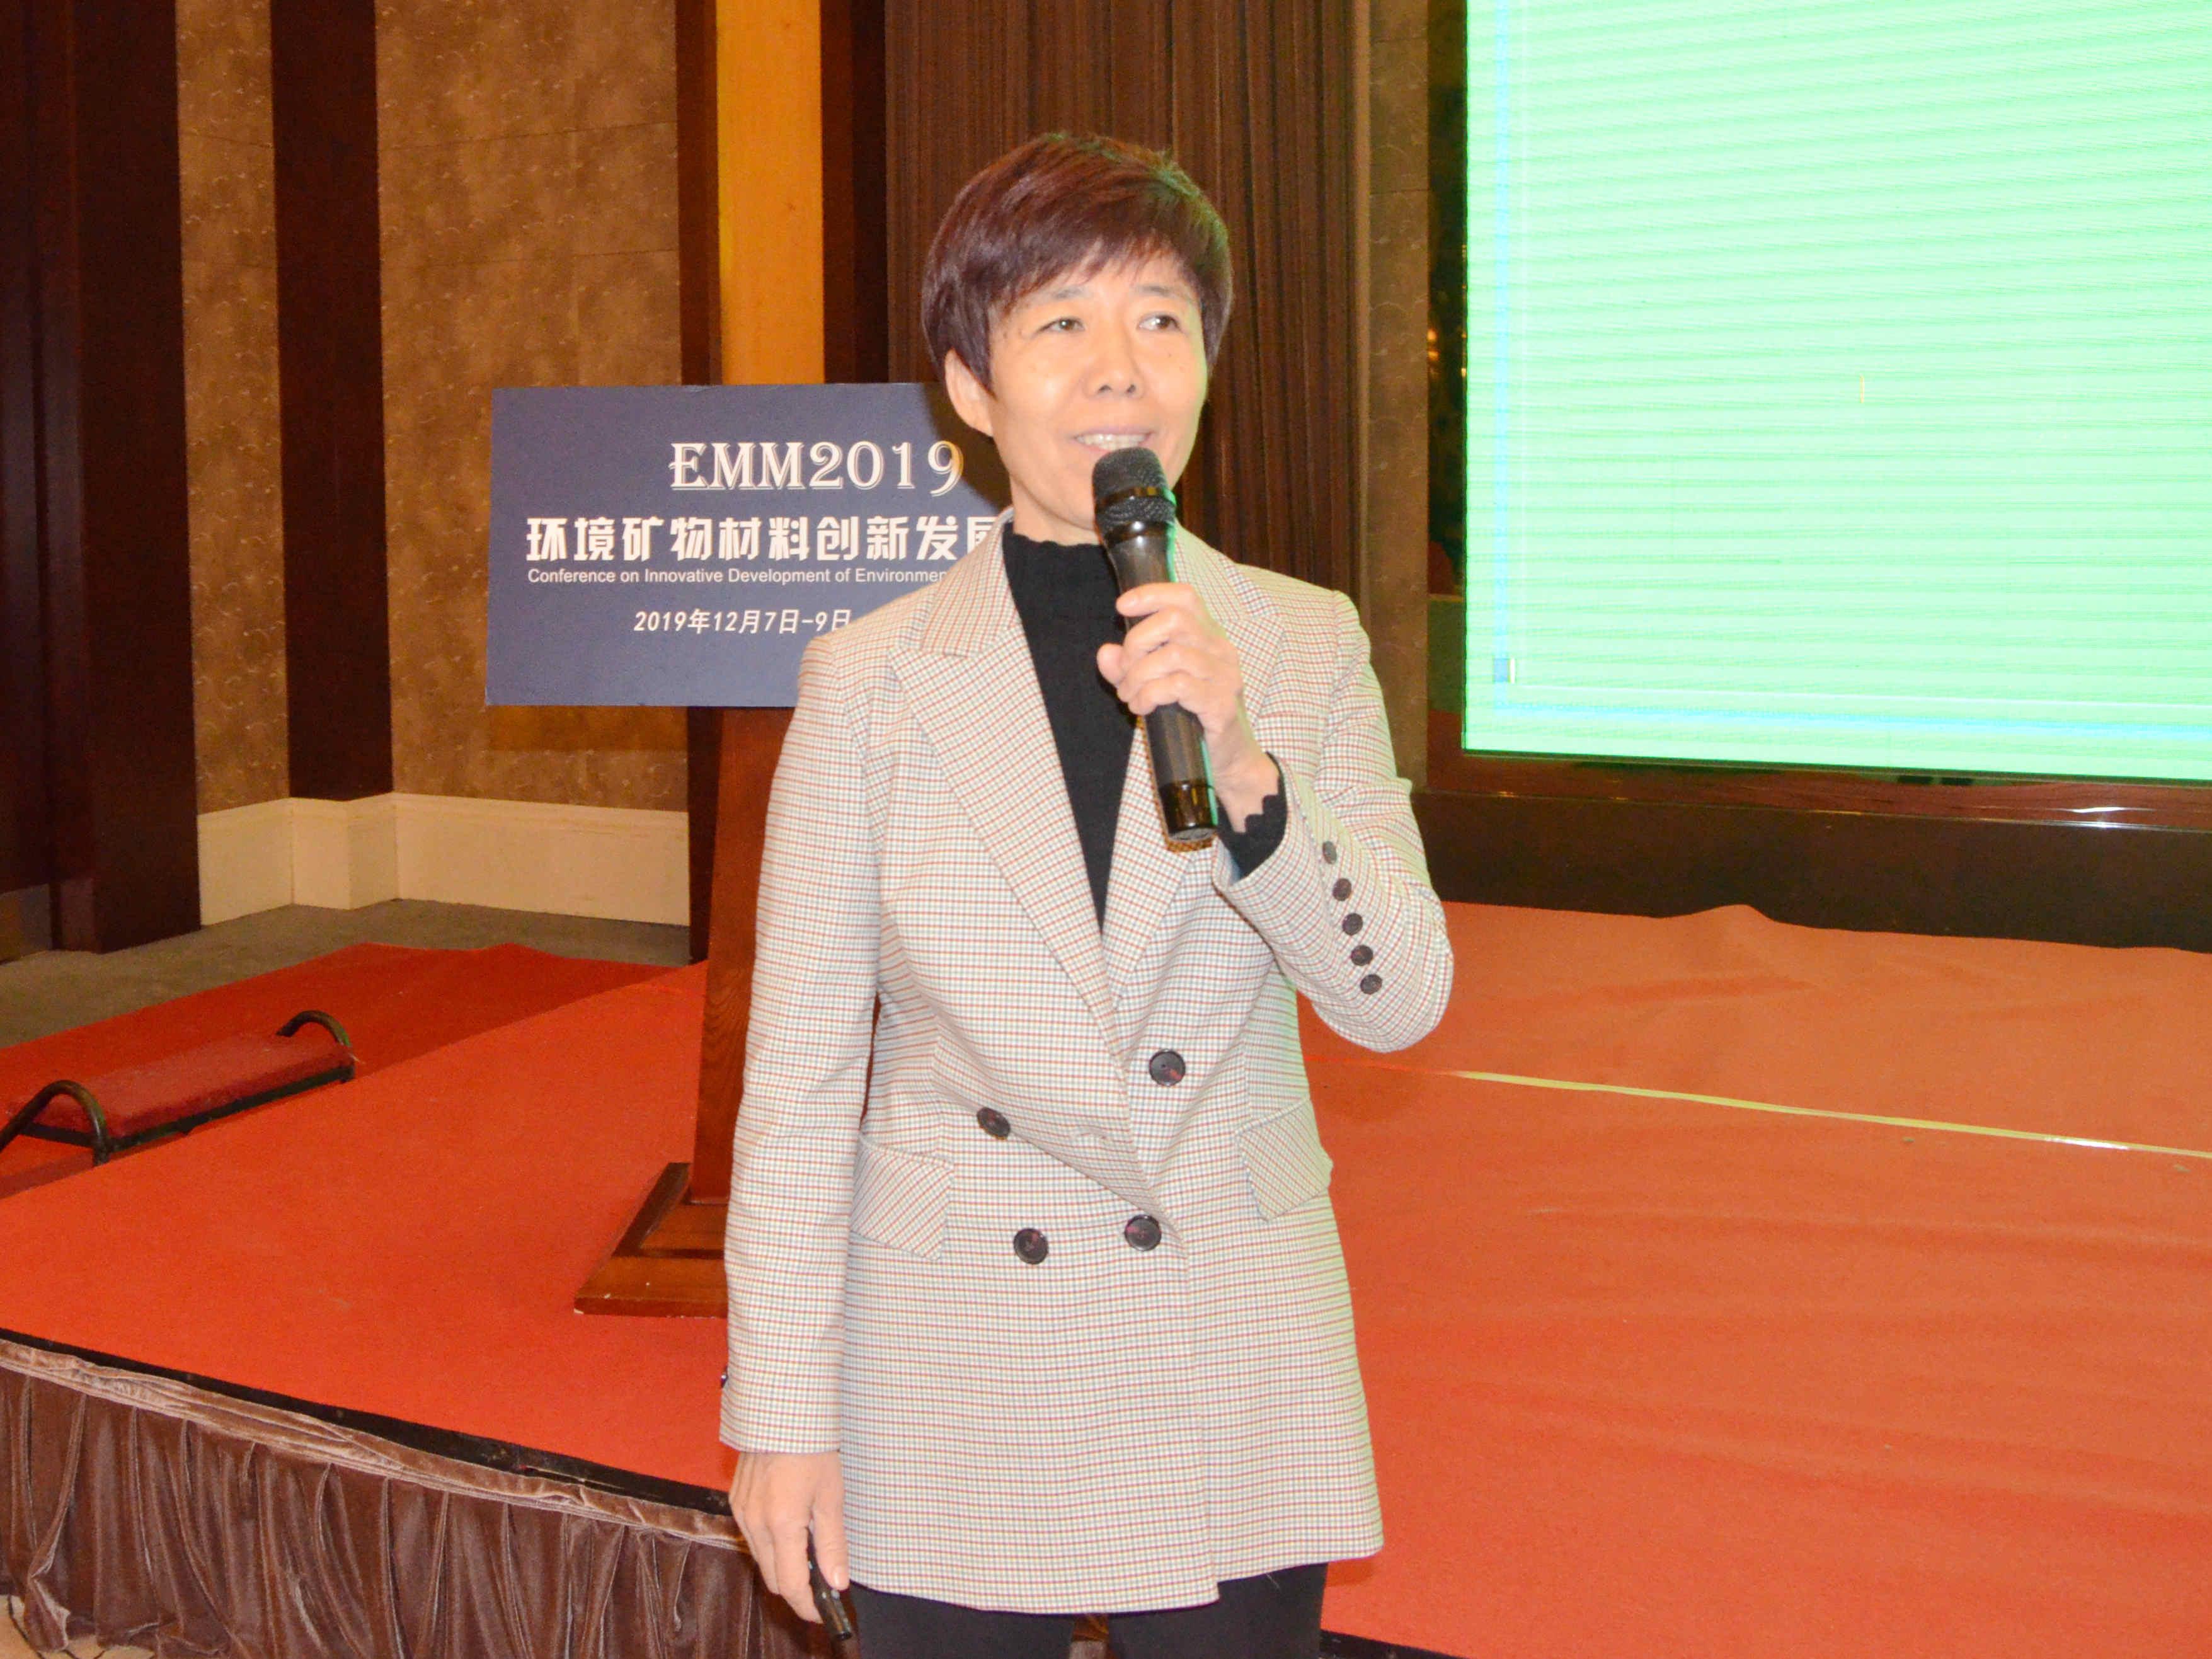 中国地质大学(北京)教授张泽朋作《环境吸附材料:穿上网袋膨润土颗粒的制备及应用》专题报告